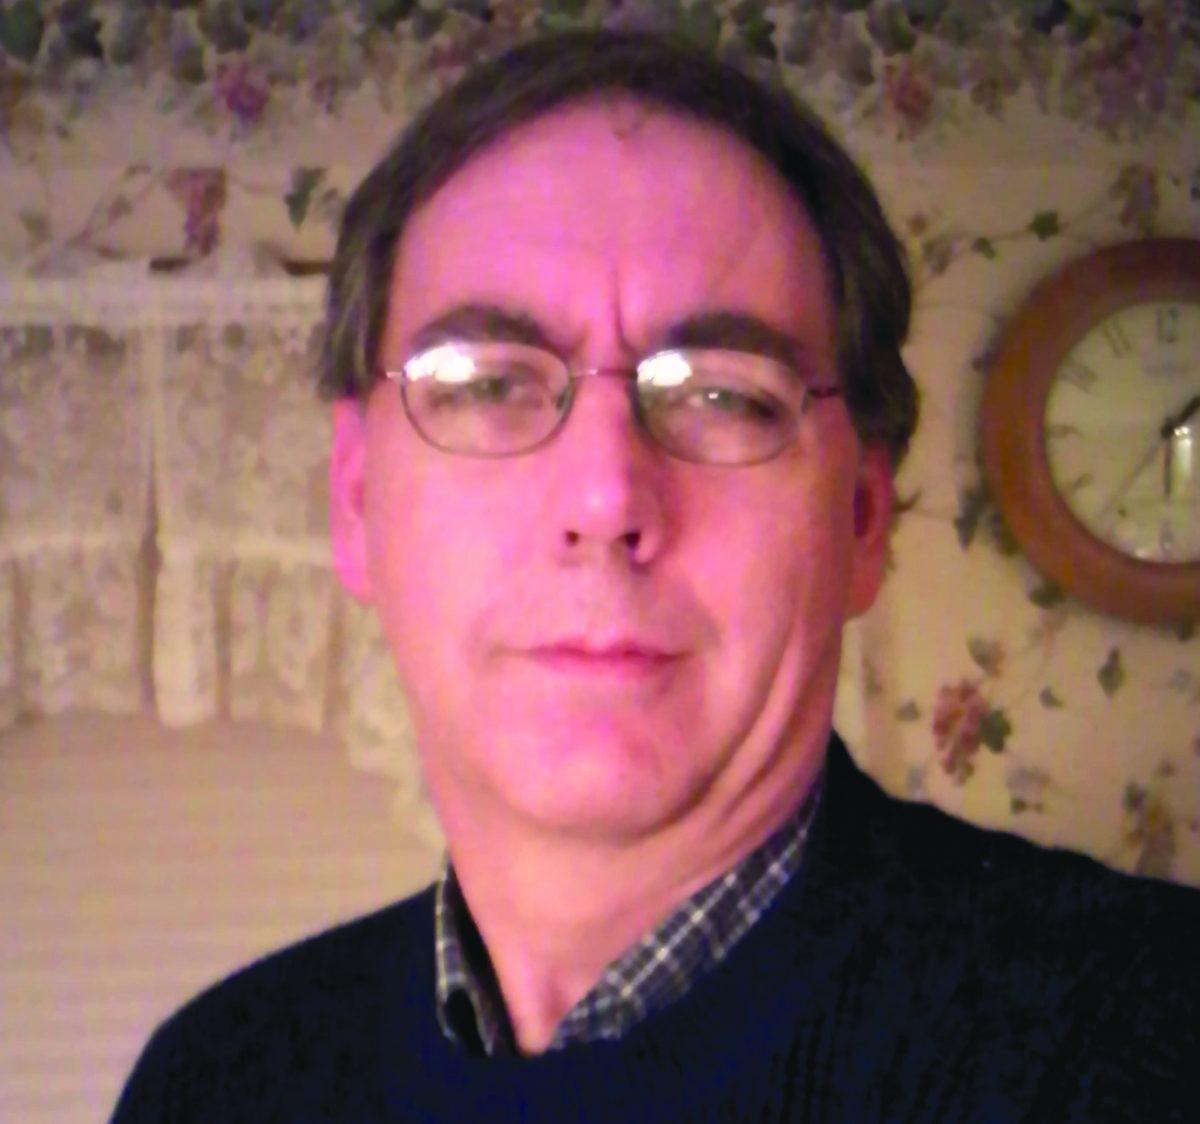 Steve Roebuck